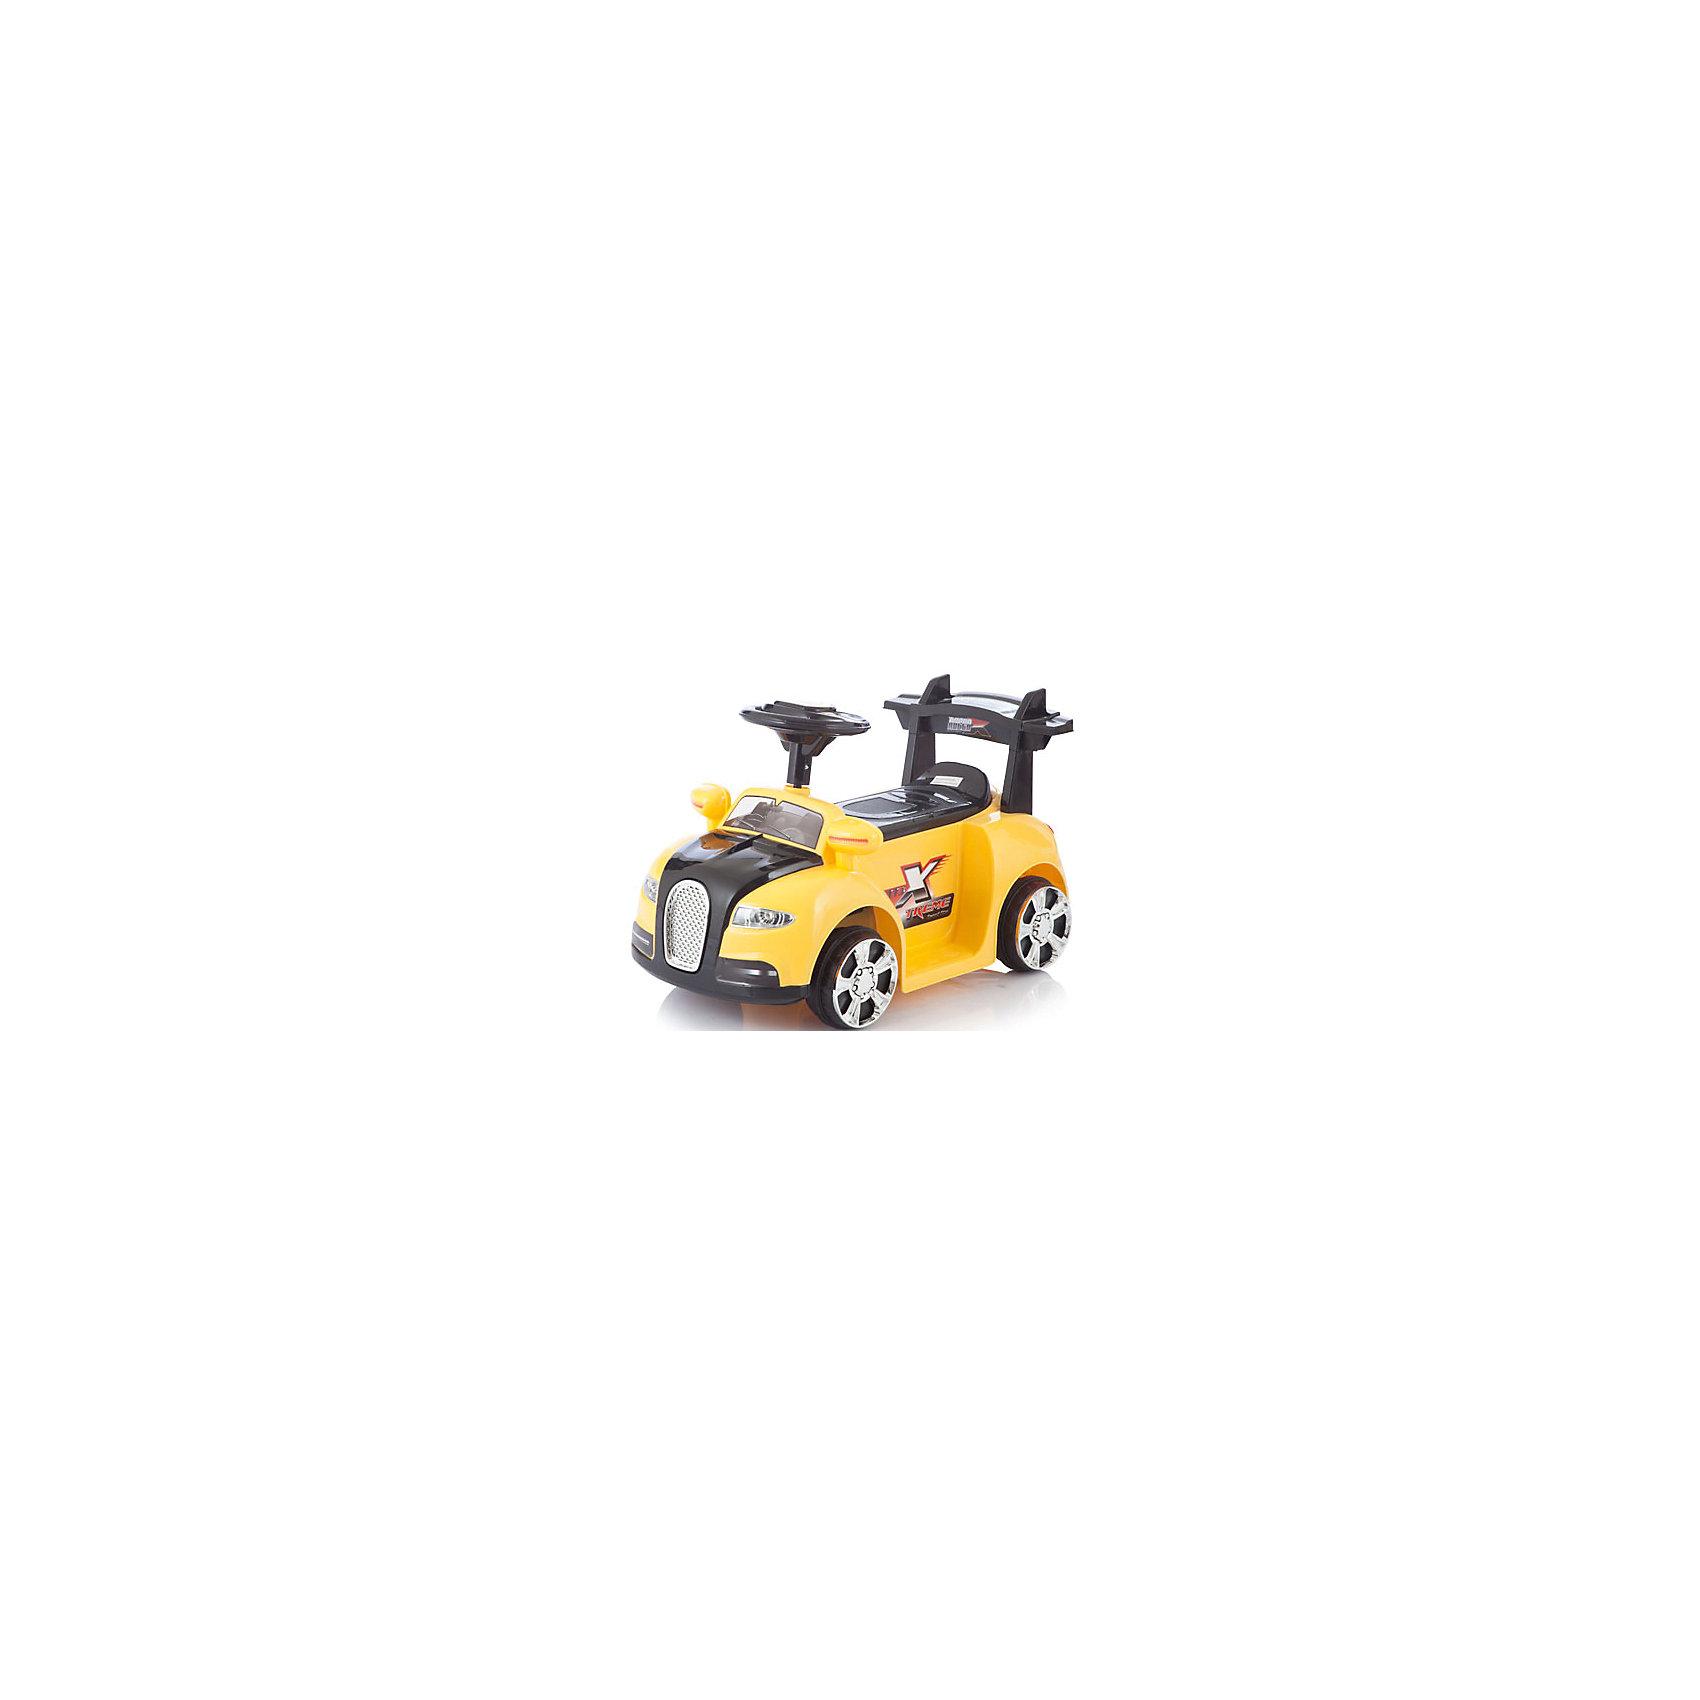 Электромобиль Bugatti, жёлтый, JetemJetem (Жетем) Bugatti – электромобиль с посадкой, как у квадроцикла. Эта модель, основанная на узнаваемых деталях классического автомобиля, обязательно понравится юному водителю. Машина комплектуется пультом дистанционного управления, что позволяет родителям контролировать перемещение ребенка. Посадка, как у квадроцикла (сидение между ног), позволяет малышу еще быстрее и безопаснее слезать и залезать на него. <br><br>Дополнительная информация:<br><br>Машинка работает на 6v аккумуляторе, заряда которого хватает на 1,5 часа непрерывного катания. <br>Электромобиль может двигаться вперед и назад.<br>В руль вмонтирован модуль со множеством звуковых эффектов (требуются AA батарейки).<br>Аккумулятор: 6V <br>Время работы аккумулятора: до 1,5 часов<br>Время зарядки аккумулятора: 8-10 часов<br>Коробка передач: 1 скорость вперед, 1 скорость назад <br>Максимальная скорость: до 2,5 км/ч<br>Размеры: размеры электромобиля: 70x35x30 см<br>Максимальная нагрузка: 20 кг<br>Вес:5,5 кг <br>Дальность действия пульта: около 20 метров<br><br>Электромобиль Bugatti, жёлтый, Jetem (Жетем) можно купить в нашем магазине.<br><br>Ширина мм: 710<br>Глубина мм: 370<br>Высота мм: 320<br>Вес г: 7500<br>Возраст от месяцев: 36<br>Возраст до месяцев: 84<br>Пол: Унисекс<br>Возраст: Детский<br>SKU: 4618477